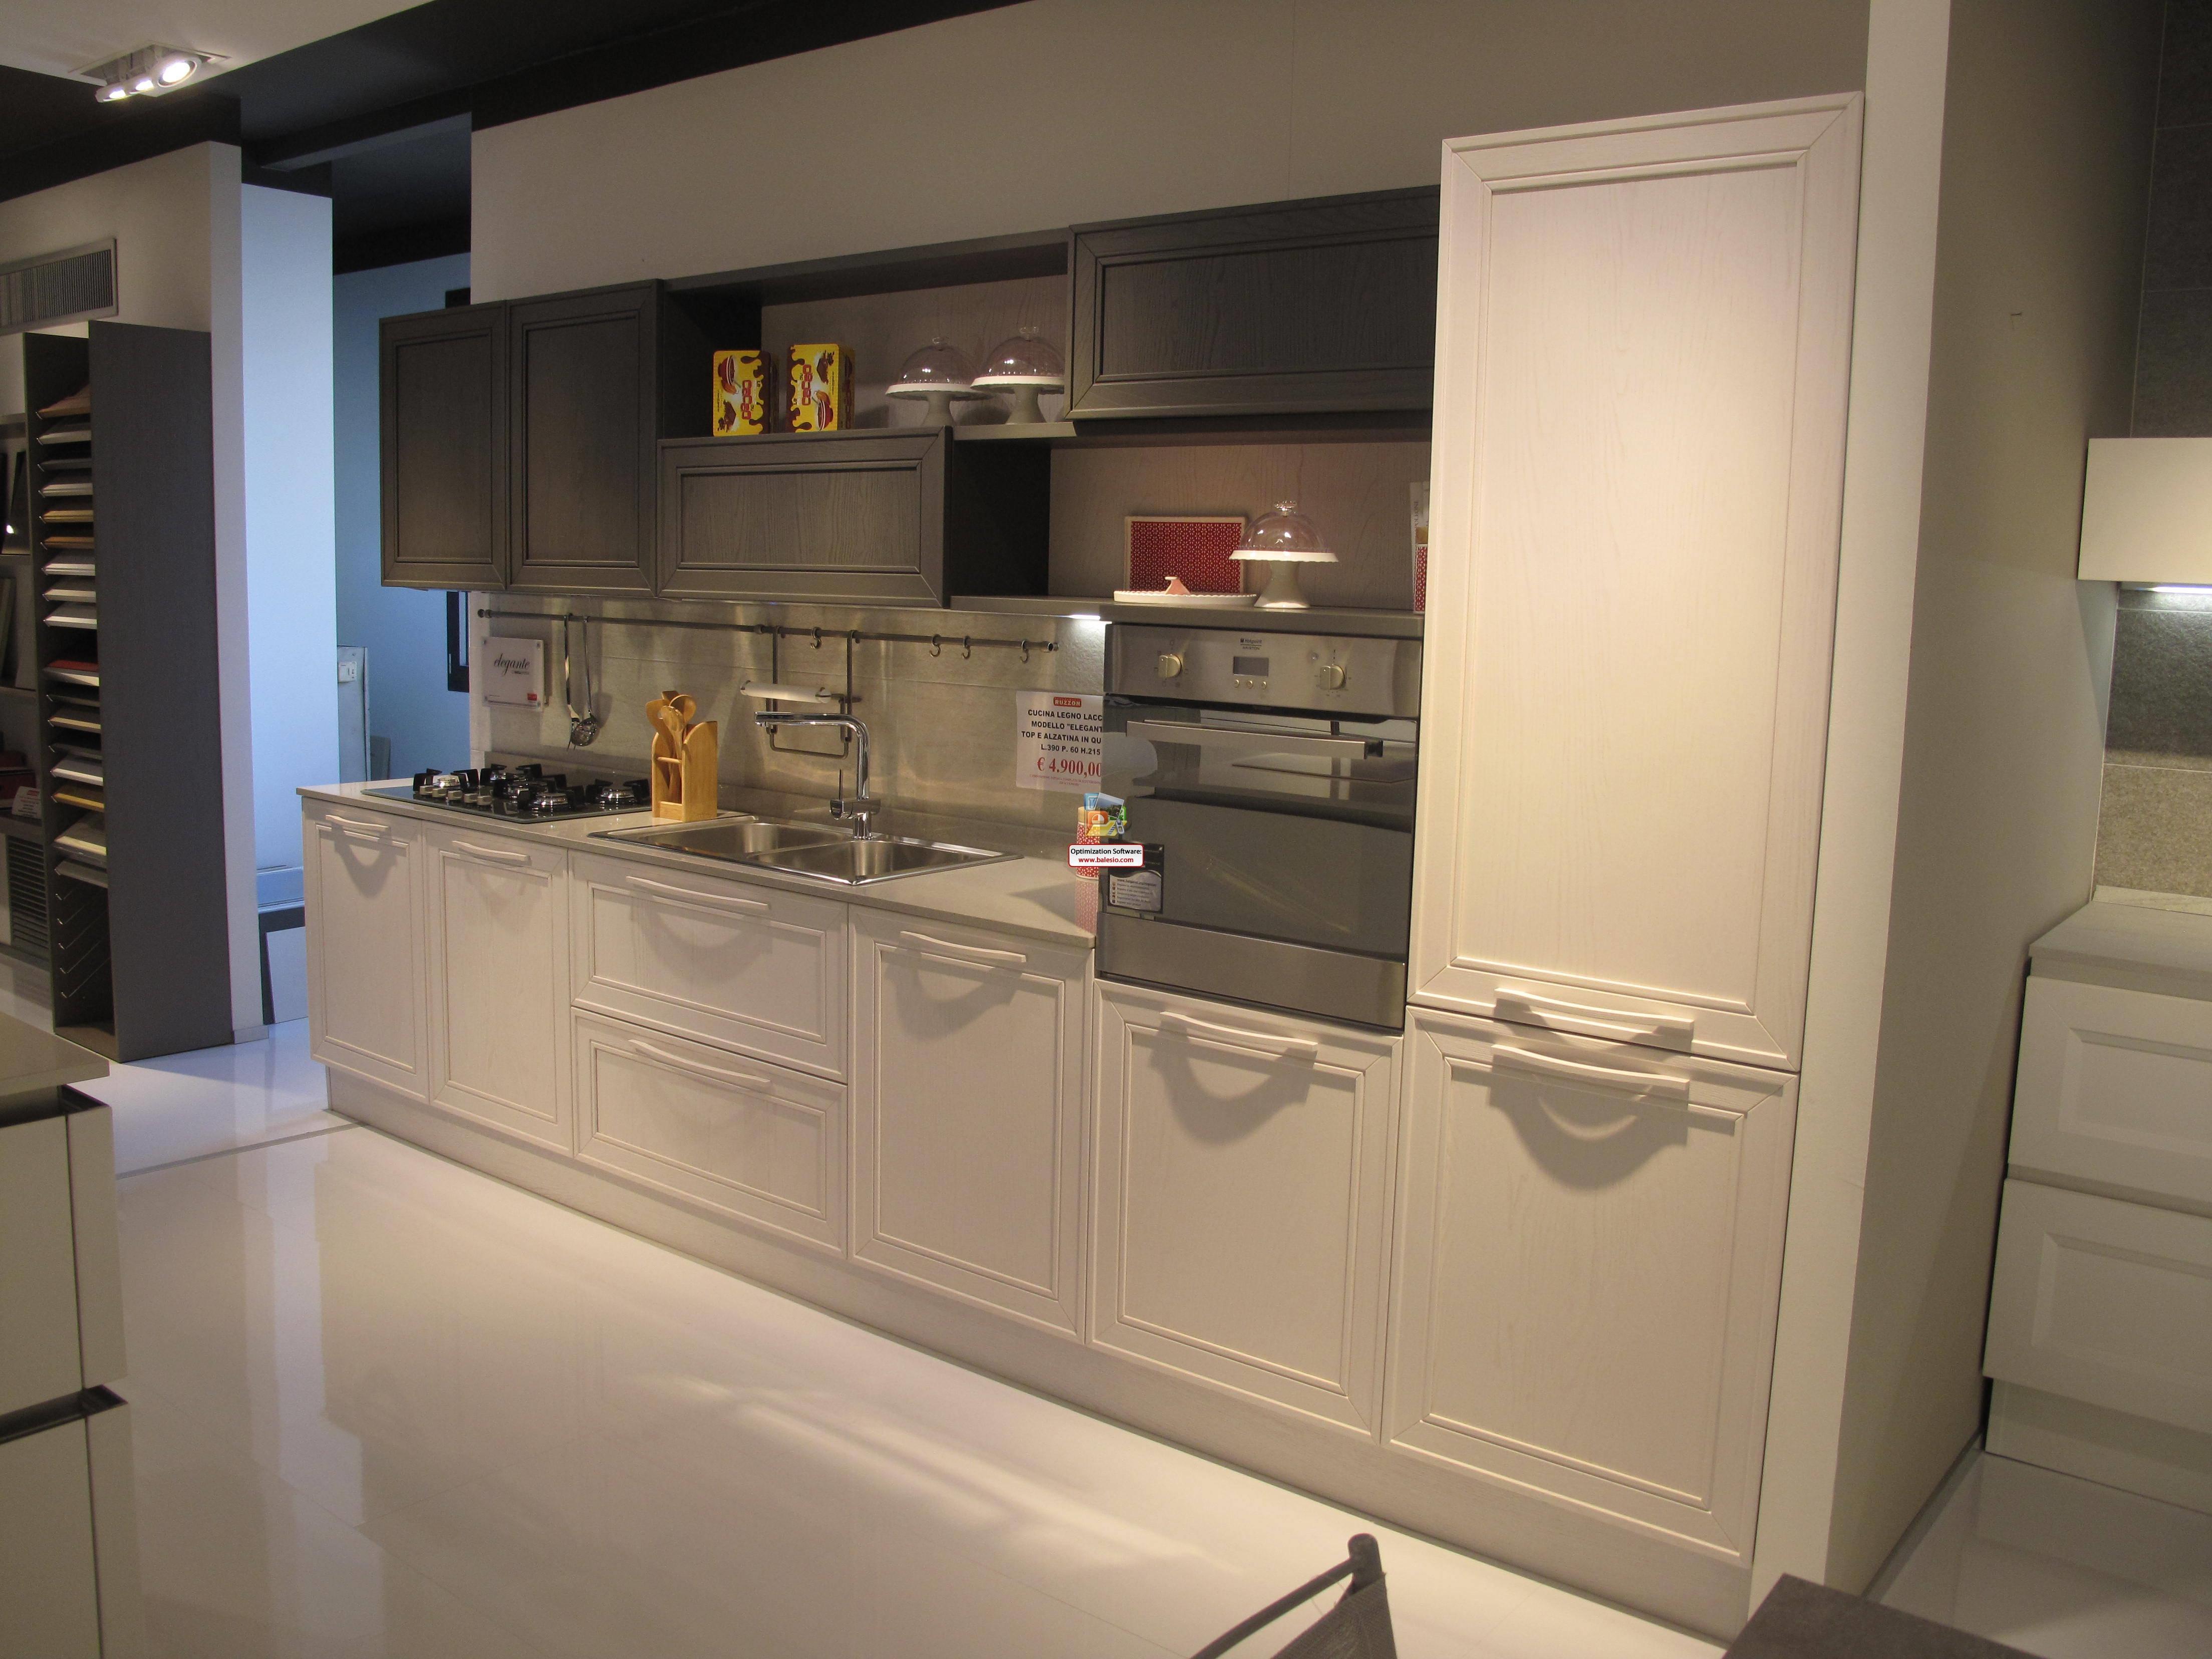 cucina veneta cucine elegante scontato del -60 % - cucine a prezzi ... - Soggiorno Veneta Cucine